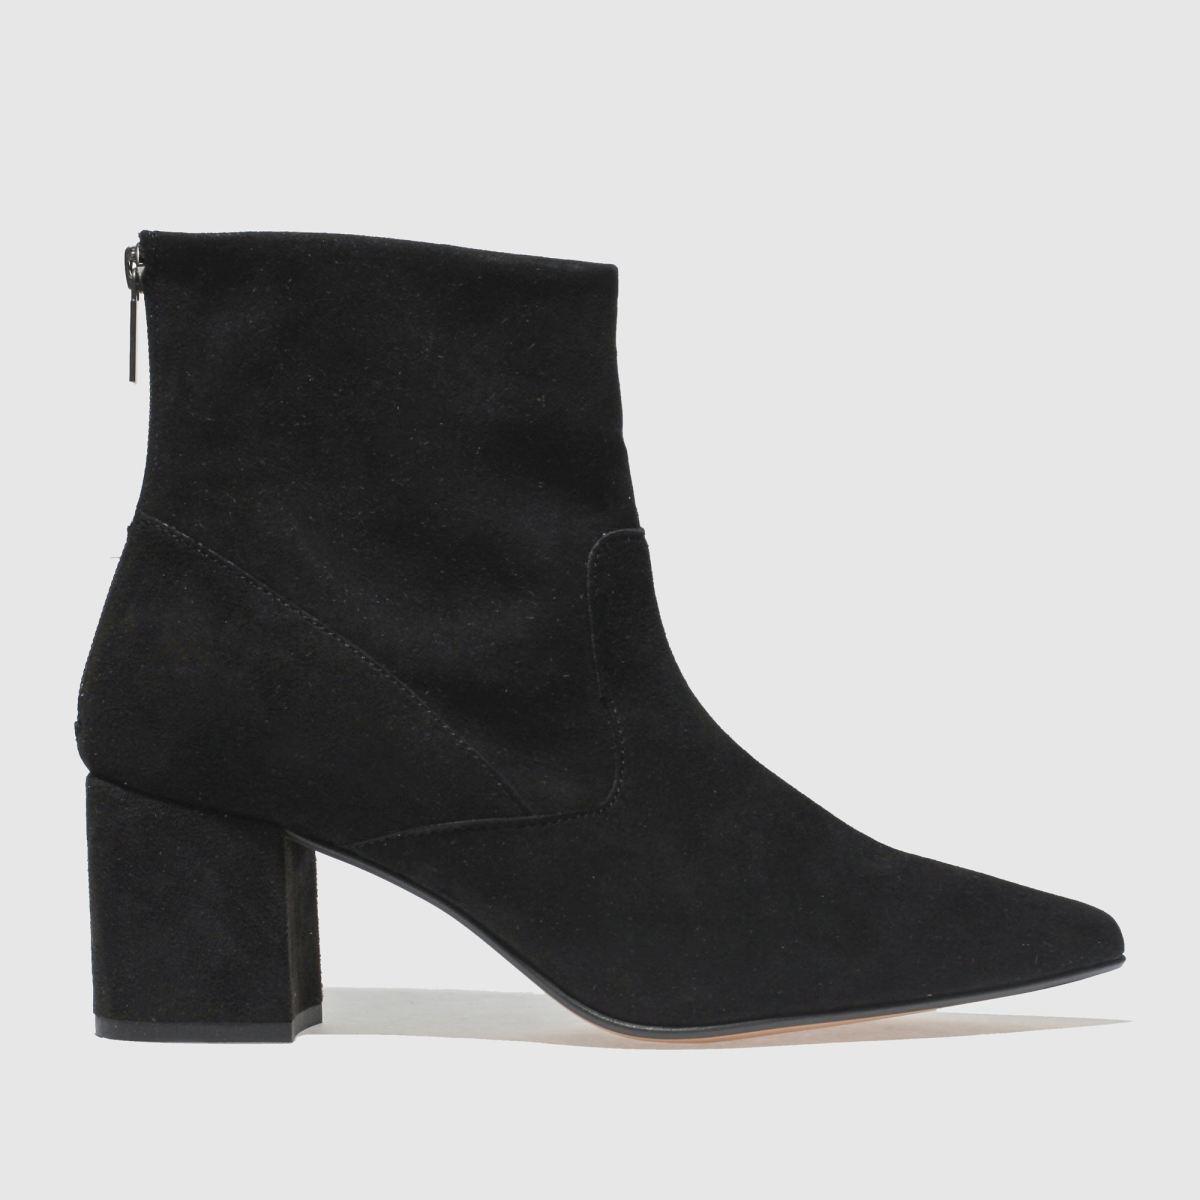 Schuh Black Banger Boots